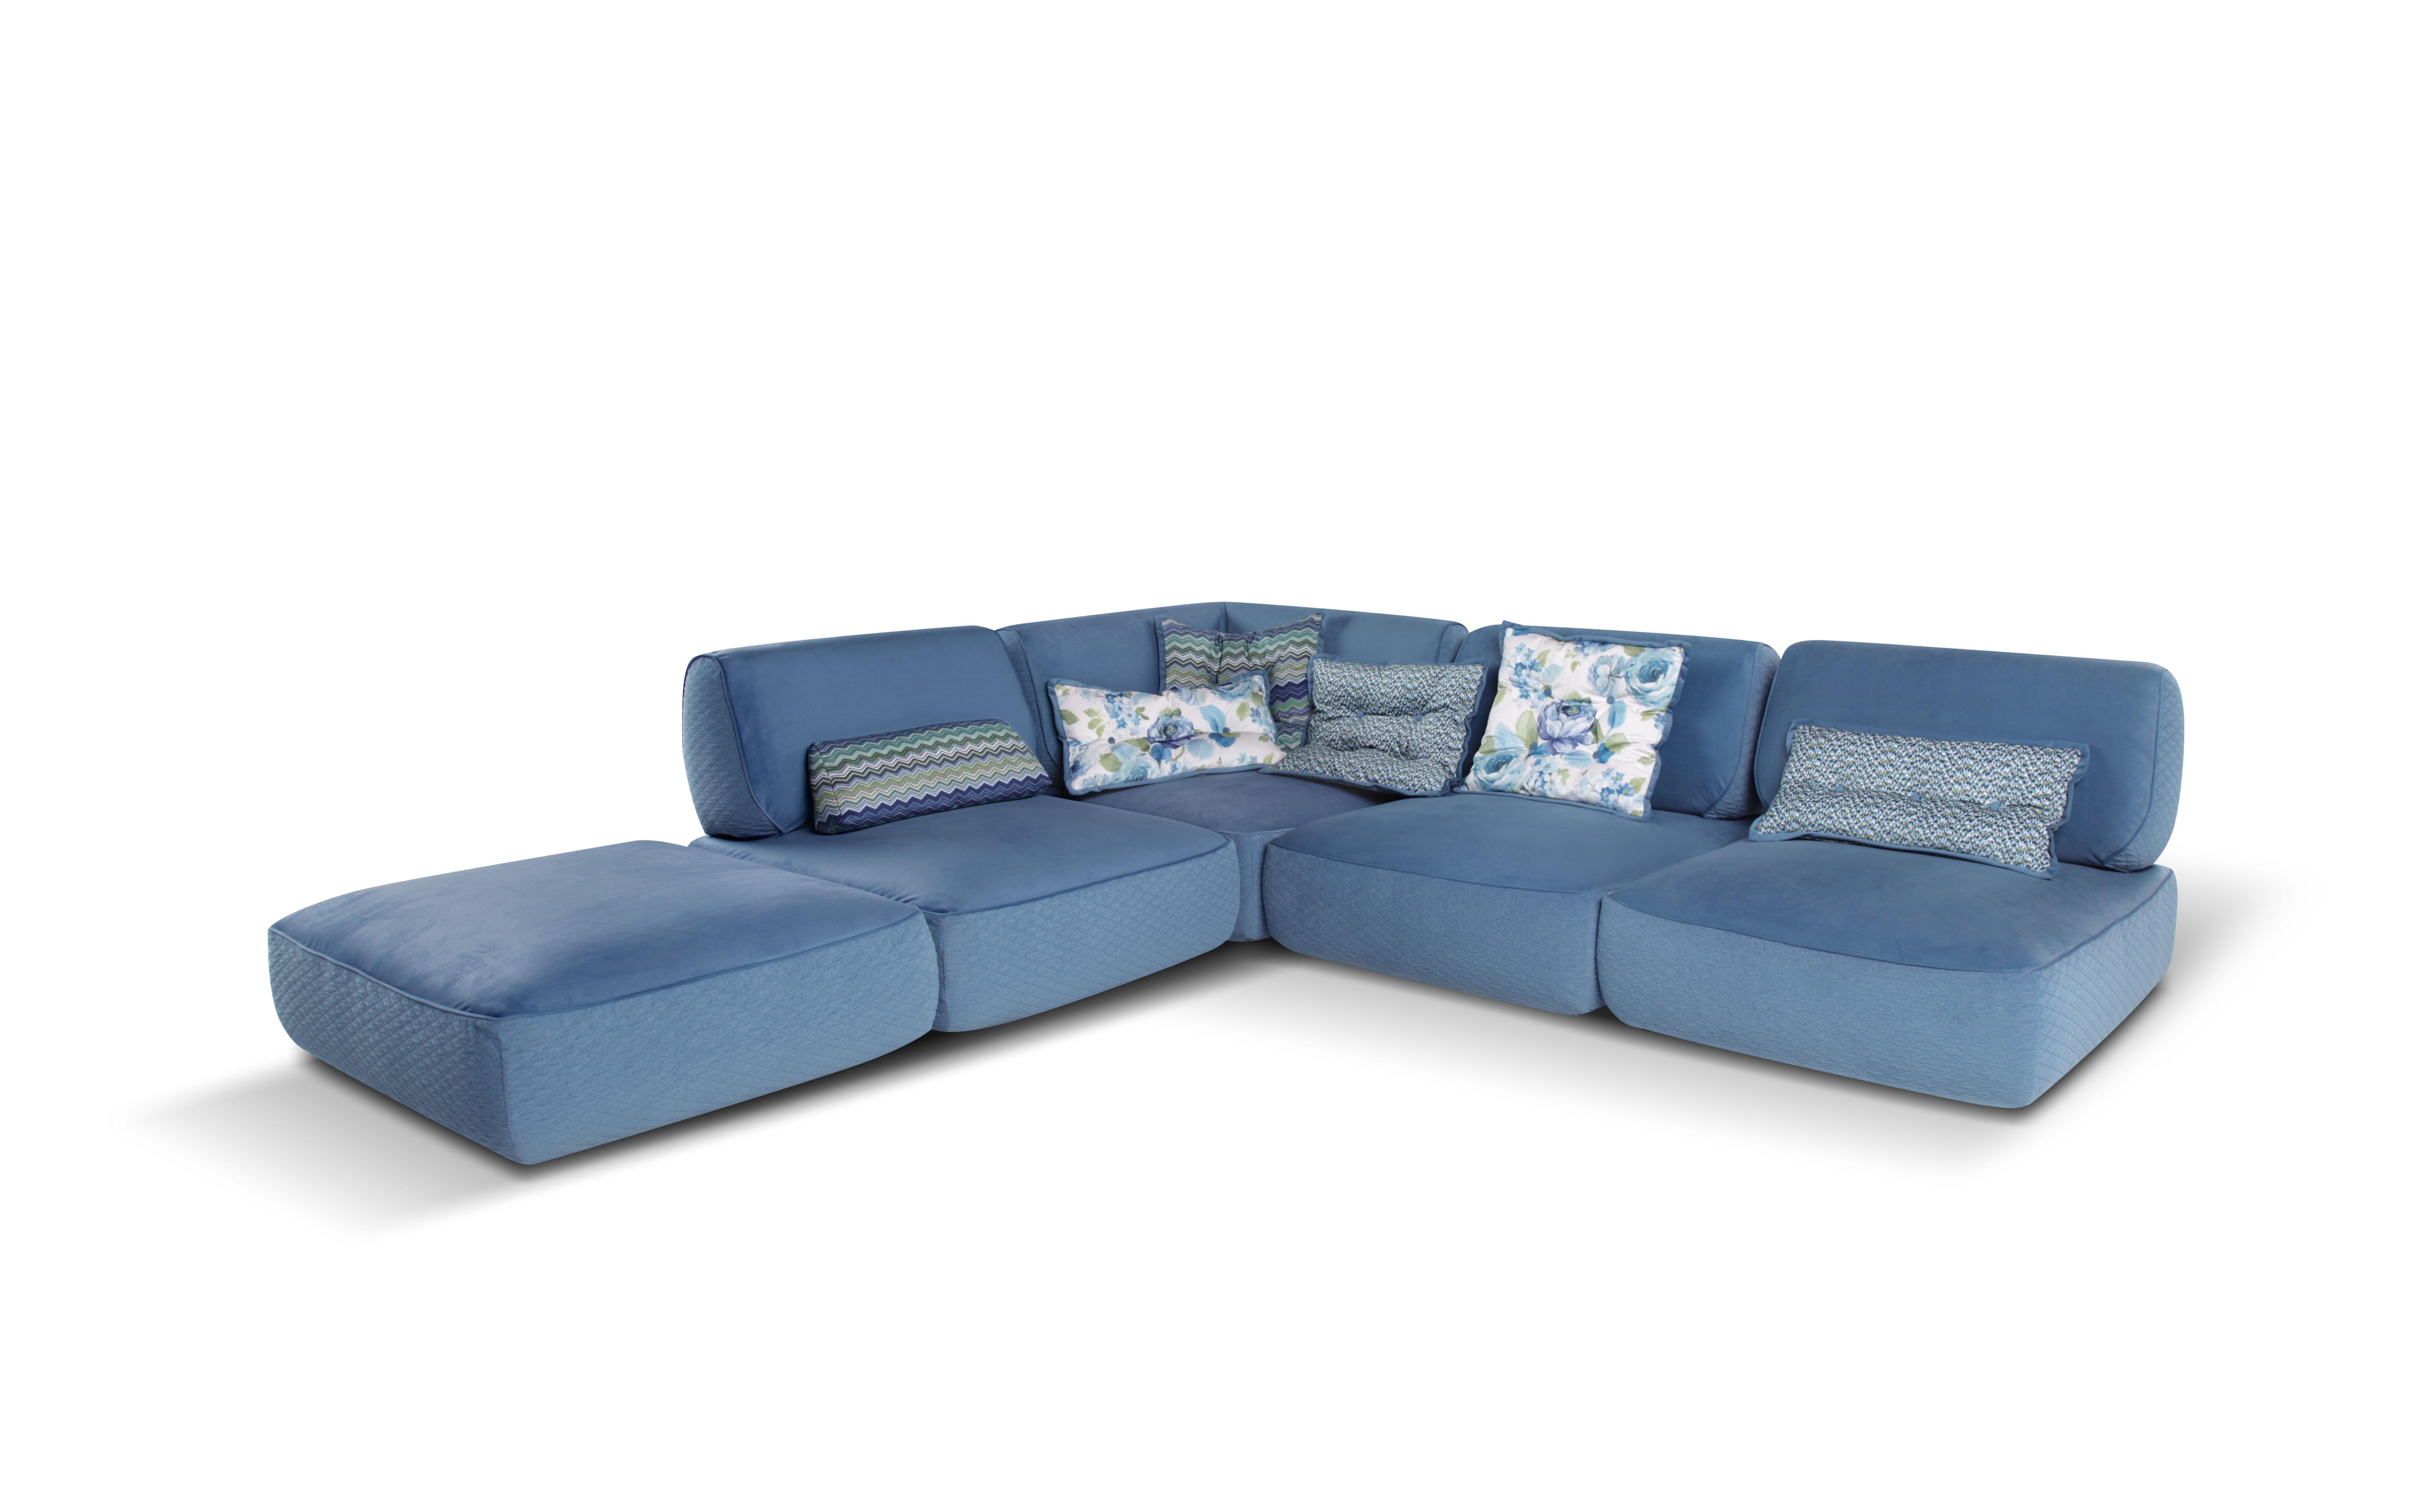 calia italia ha presentato il nuovo divano ragtime al. Black Bedroom Furniture Sets. Home Design Ideas